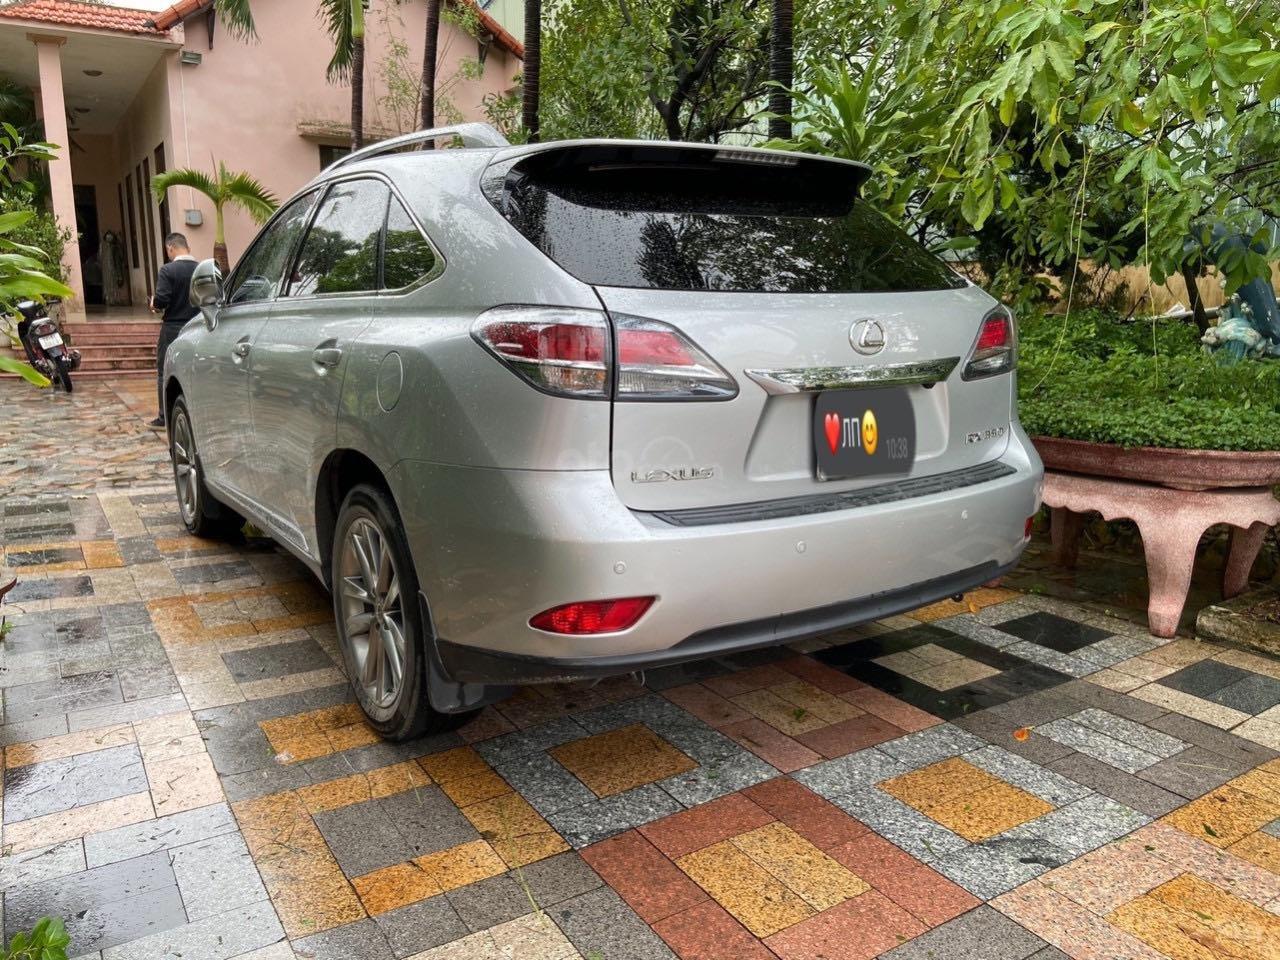 Cần bán lại xe Lexus RX năm 2015, màu bạc, xe nhập khẩu, đi giữ gìn, mới 99,9% bao test (3)